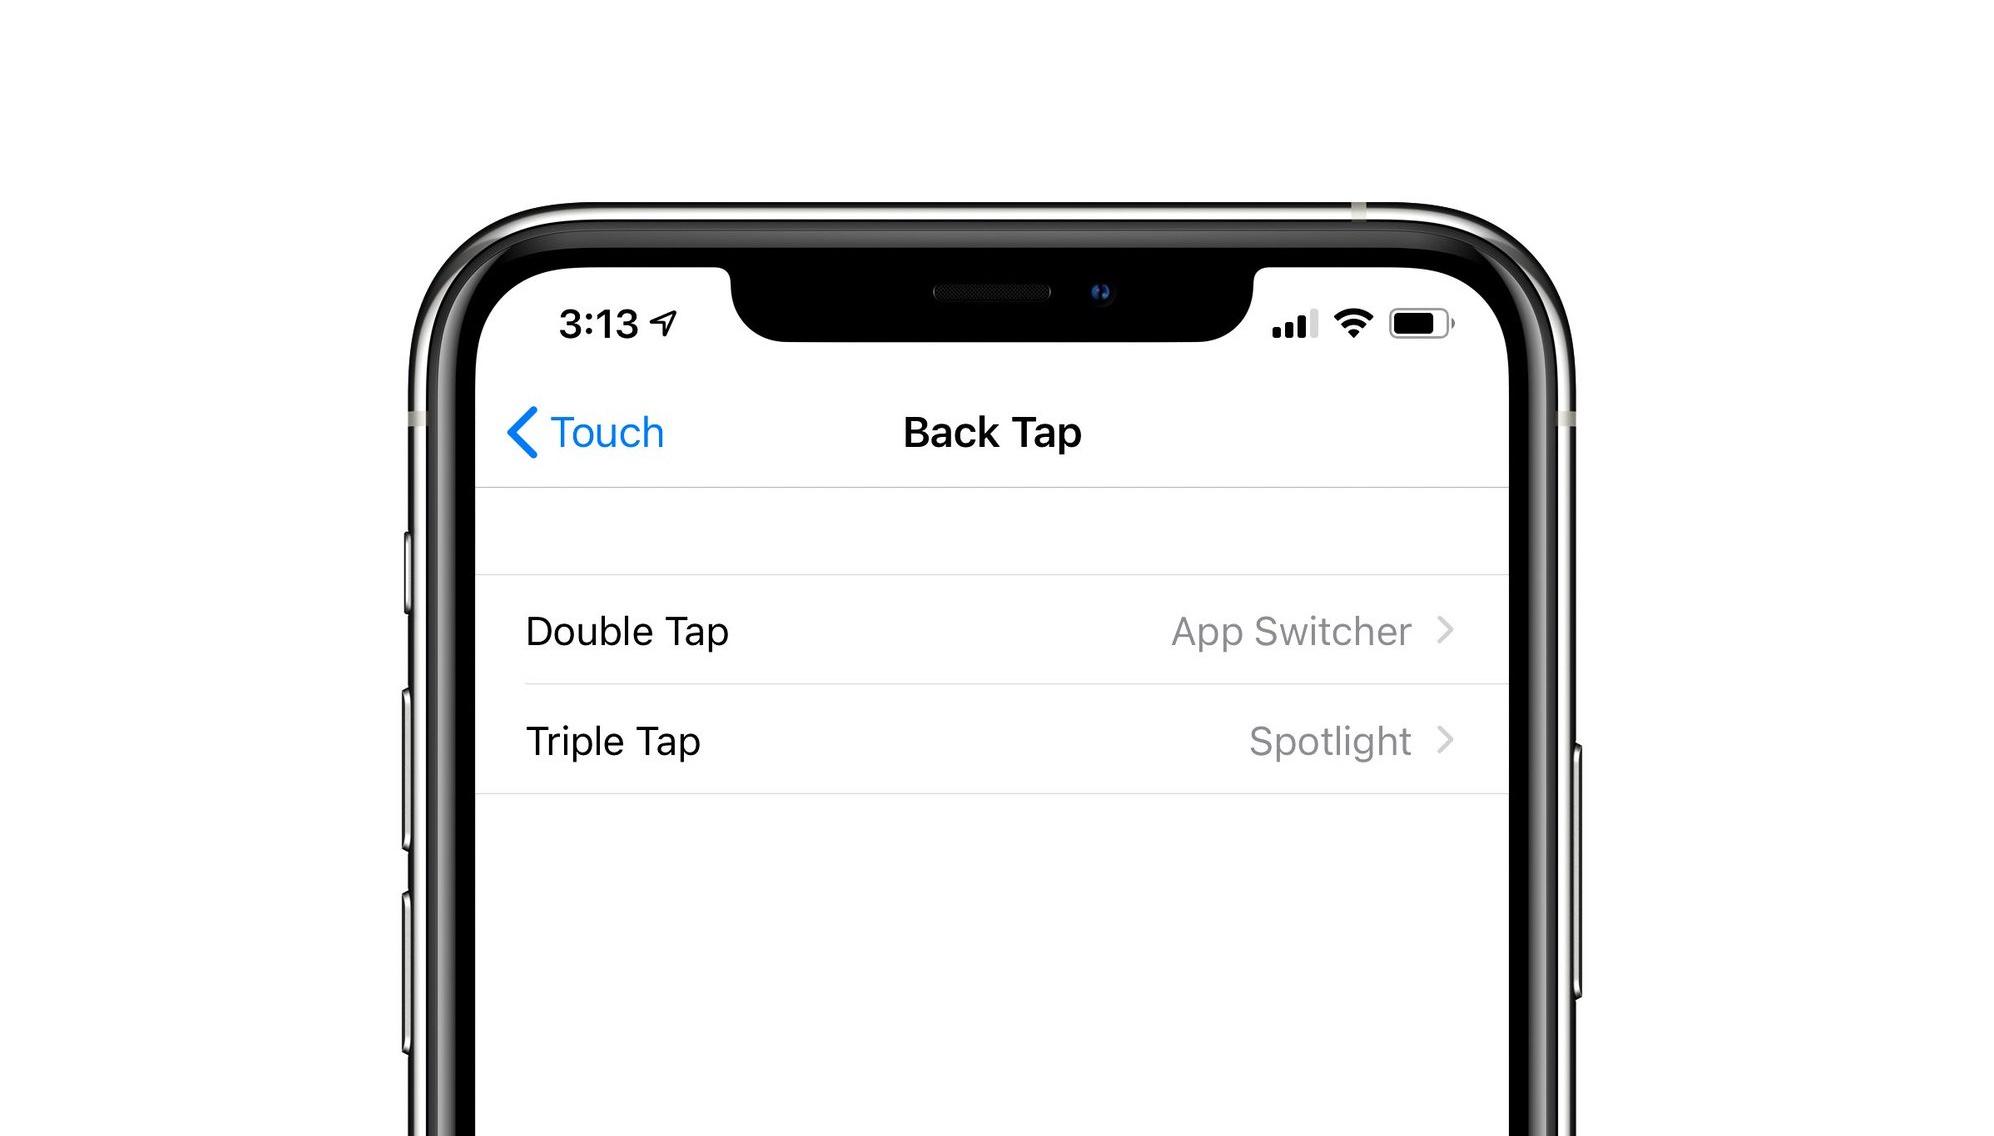 iOS 14 cho phép người dùng gõ vào mặt lưng iPhone để khoá máy, mở ứng dụng và đủ loại tác vụ khác